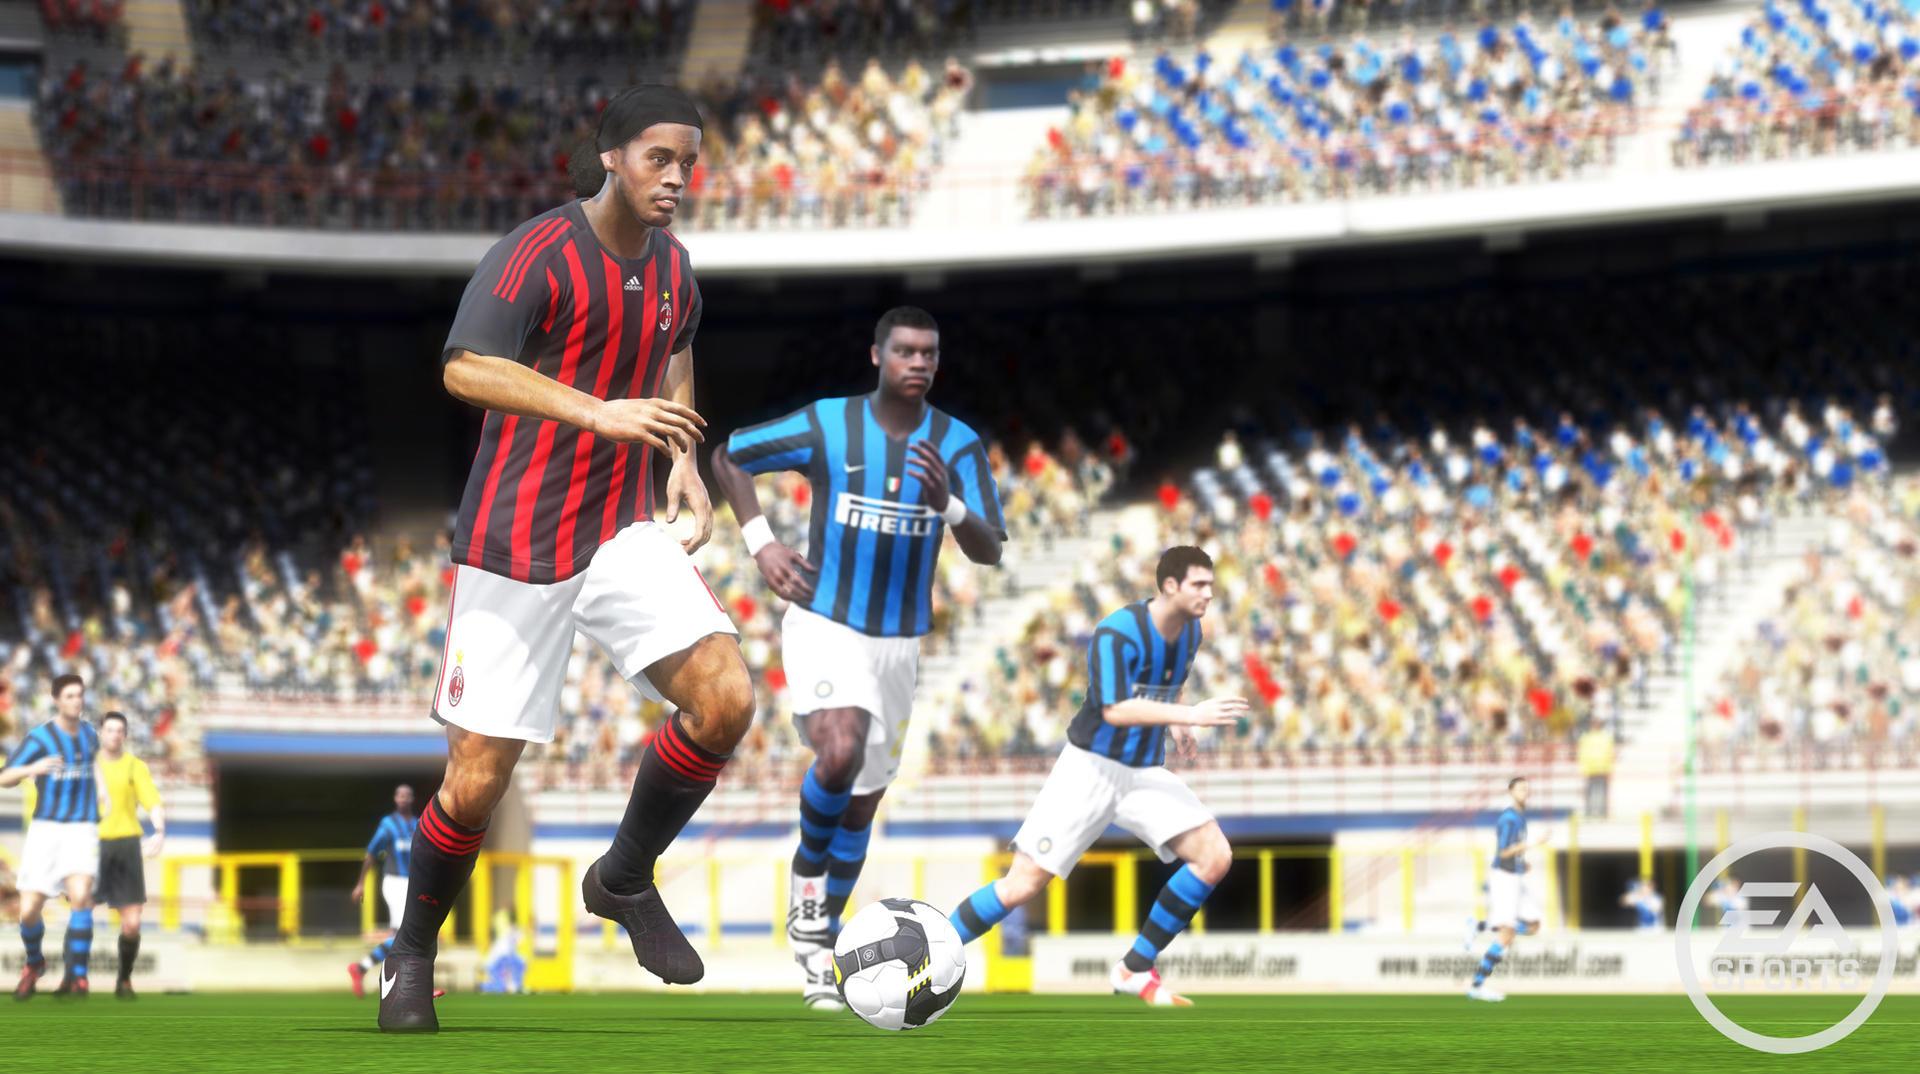 FIFA 10 (2009) (Xbox 360, PS3, Wii, PC, PS2, PSP, DS, iOS e Android) | Capa: Theo Walcott, Frank Lampard e Wayne Rooney | Narração e comentários: Martin Tyler e Andy Gray